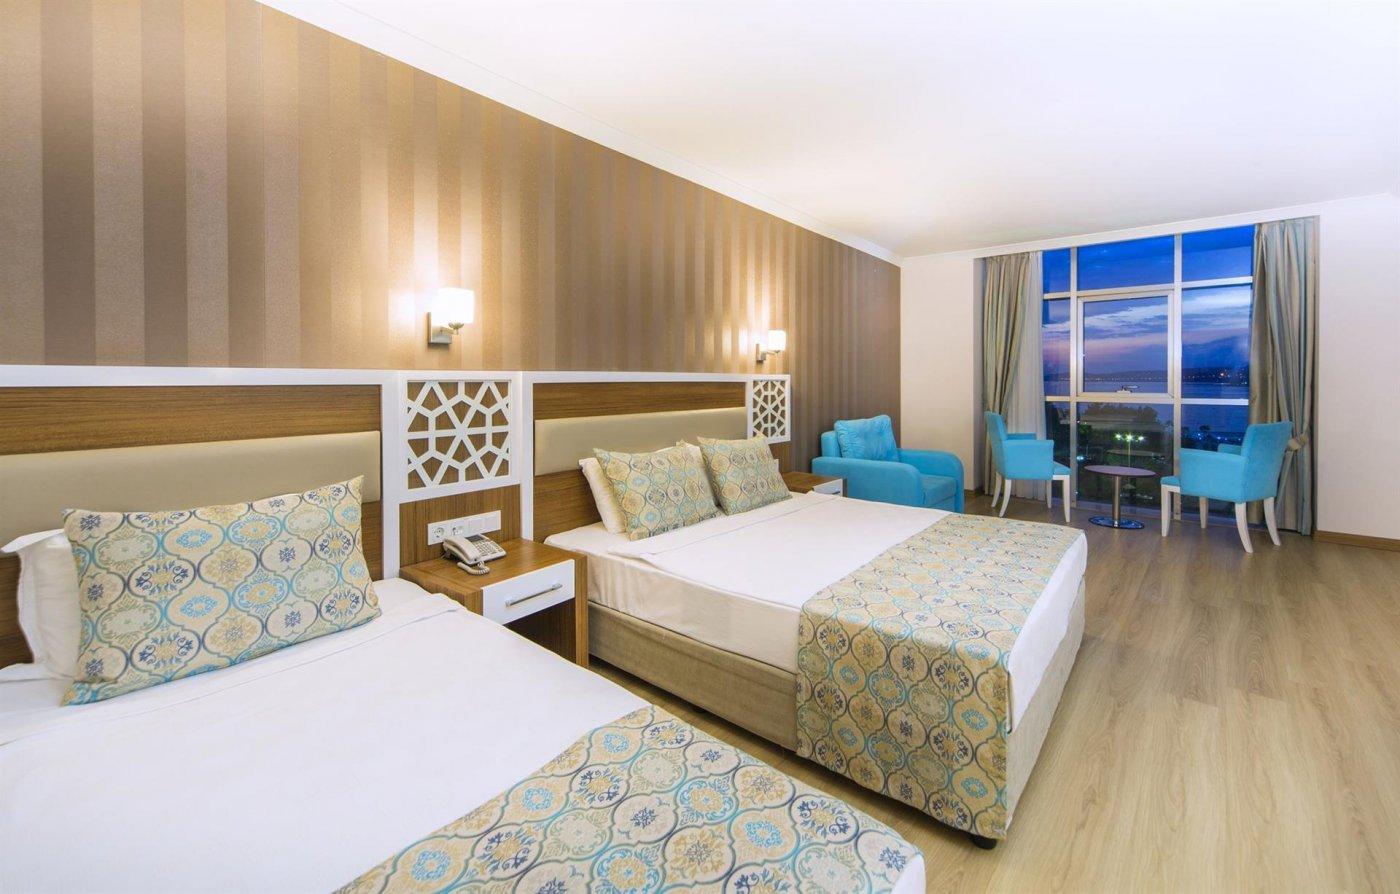 Номер Standard Room отеля отеля Lonicera Resort & Spa 5* (Лонисера Резорт энд Спа 5*)